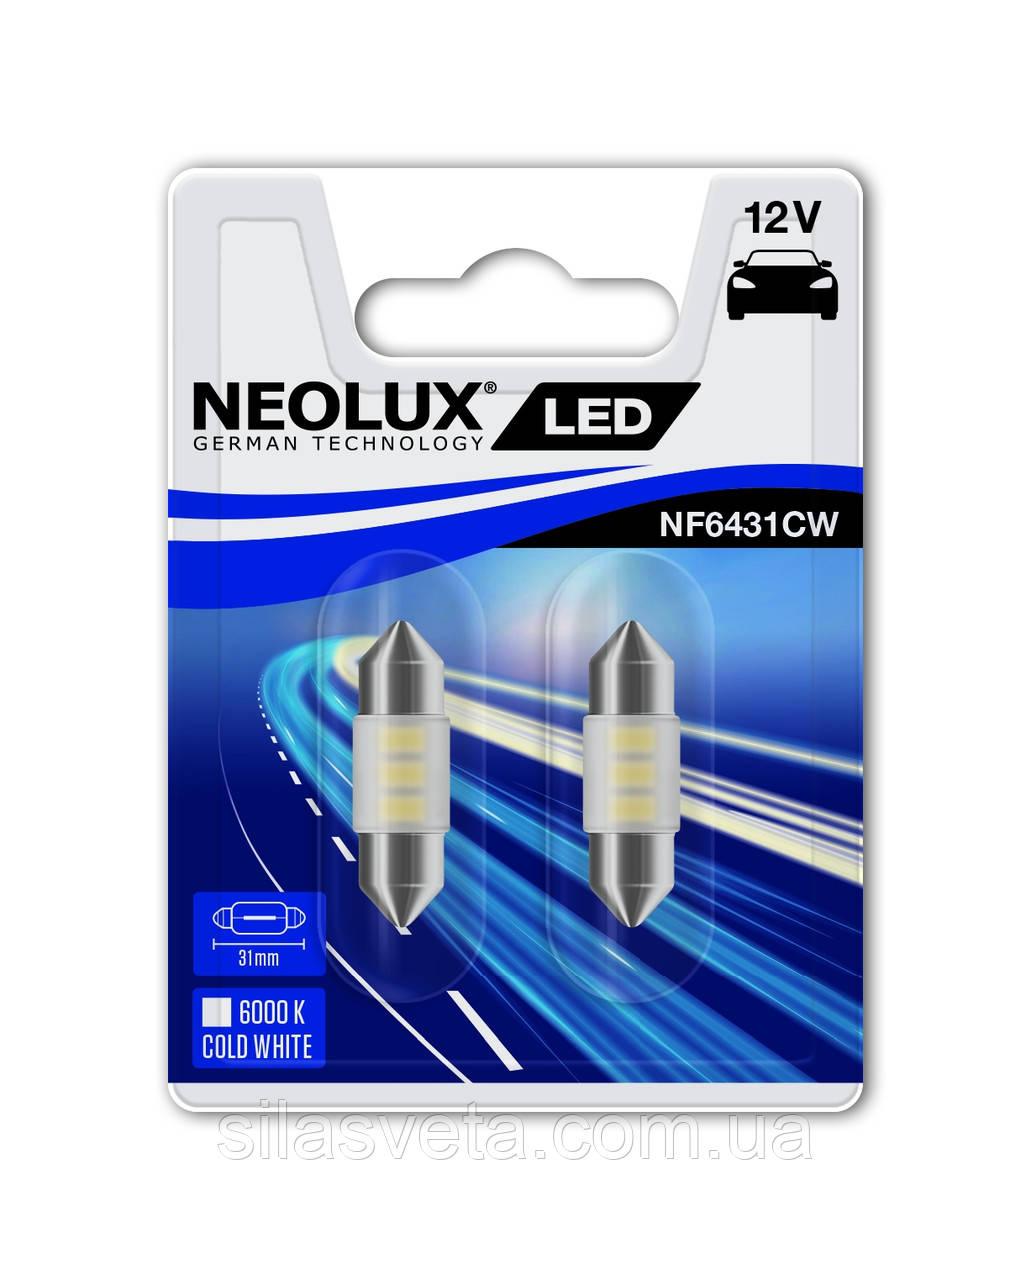 Светодиодные лампы NEOLUX  C5W LED (31mm) 12V  6000K ХОЛОДНЫЙ БЕЛЫЙ